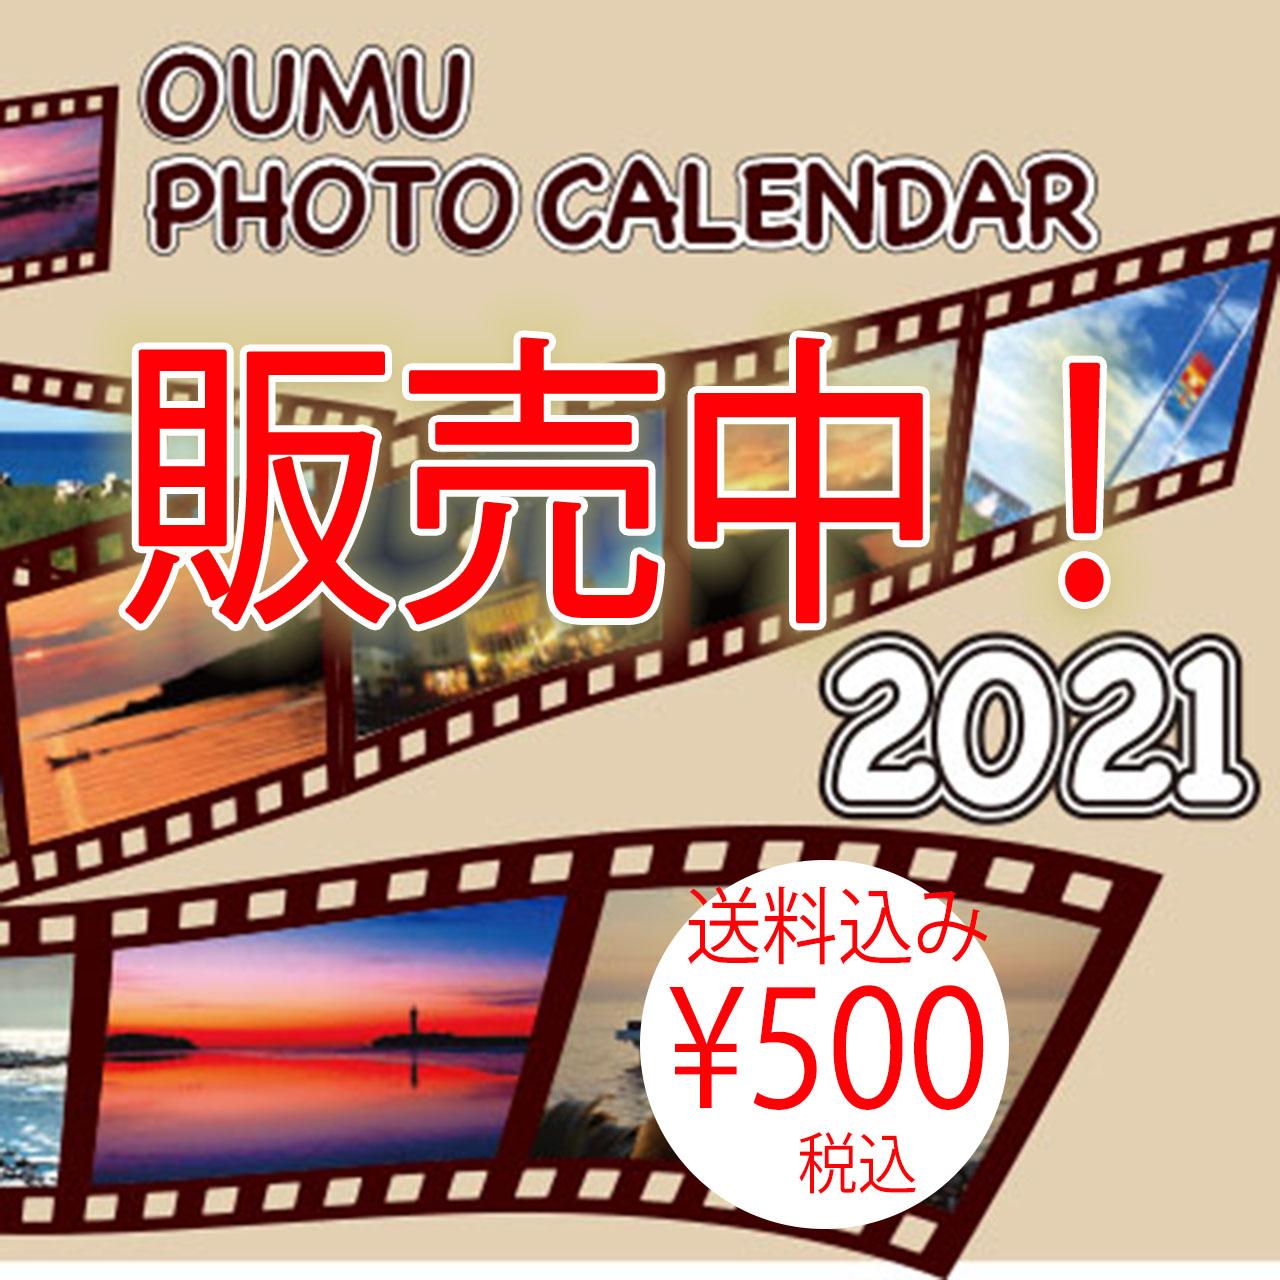 2021雄武町フォトカレンダー販売中